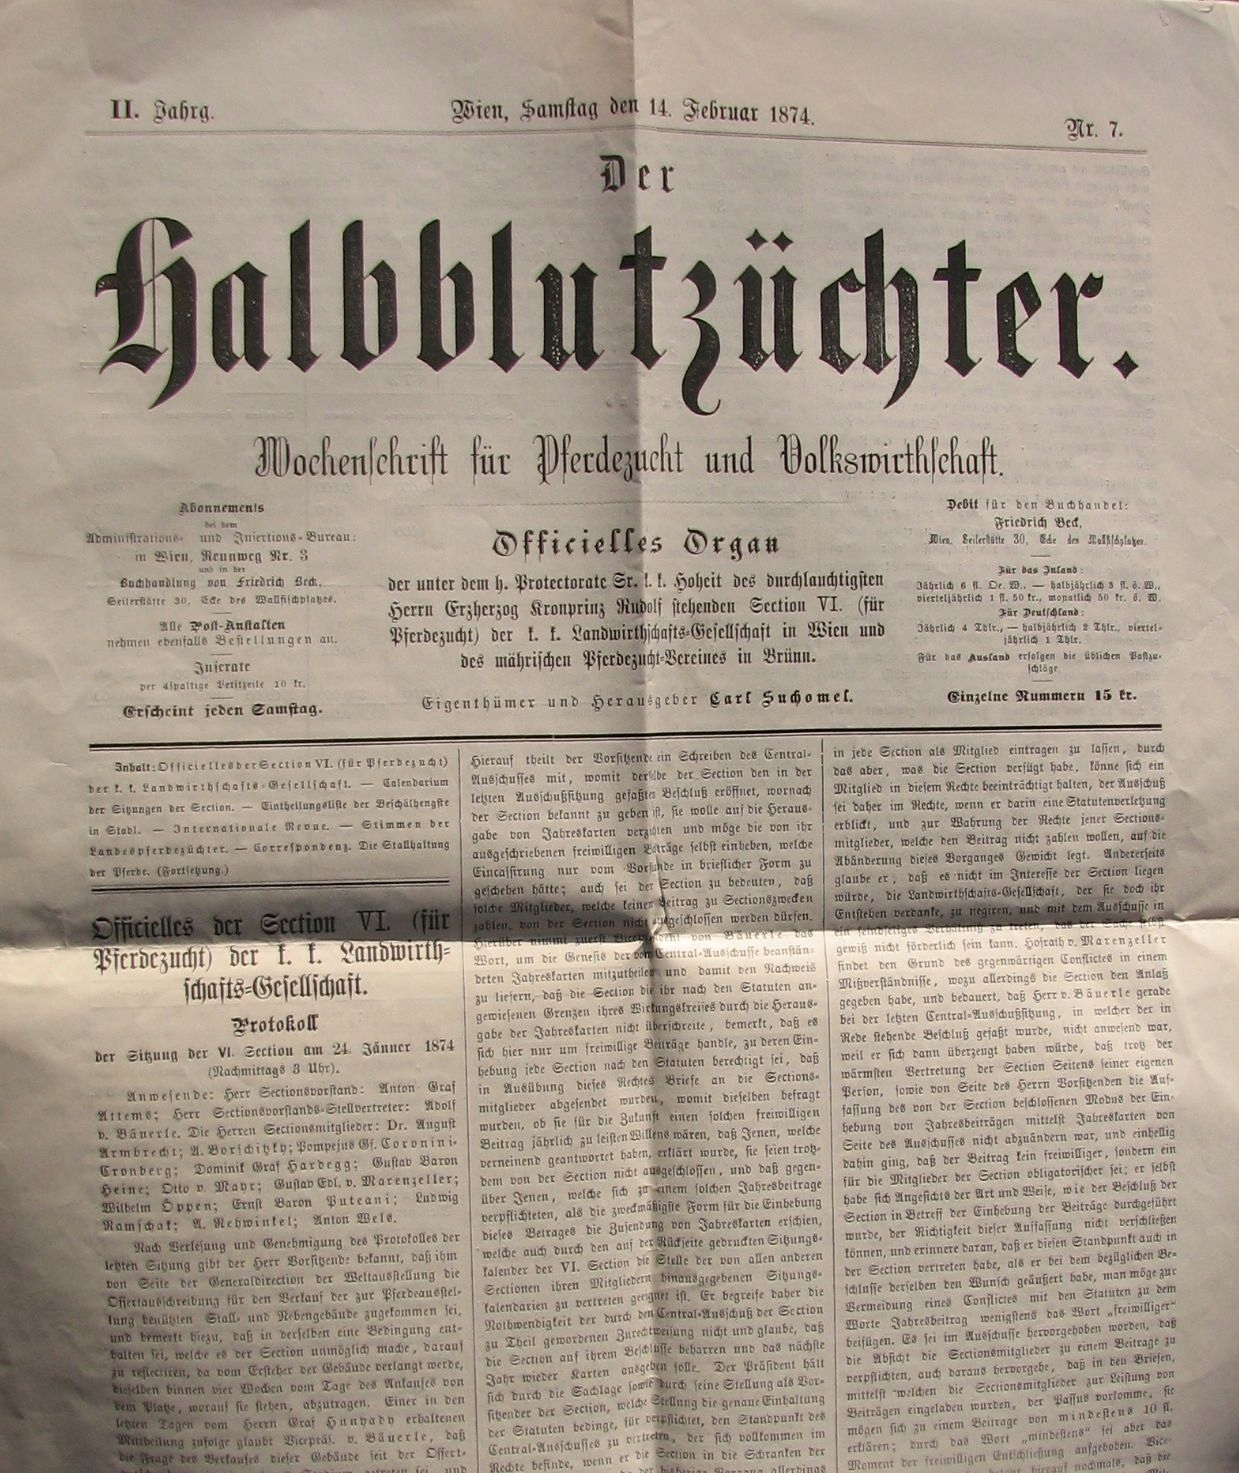 DER HALBBLUTZUCHTER - 1874 Nr 7